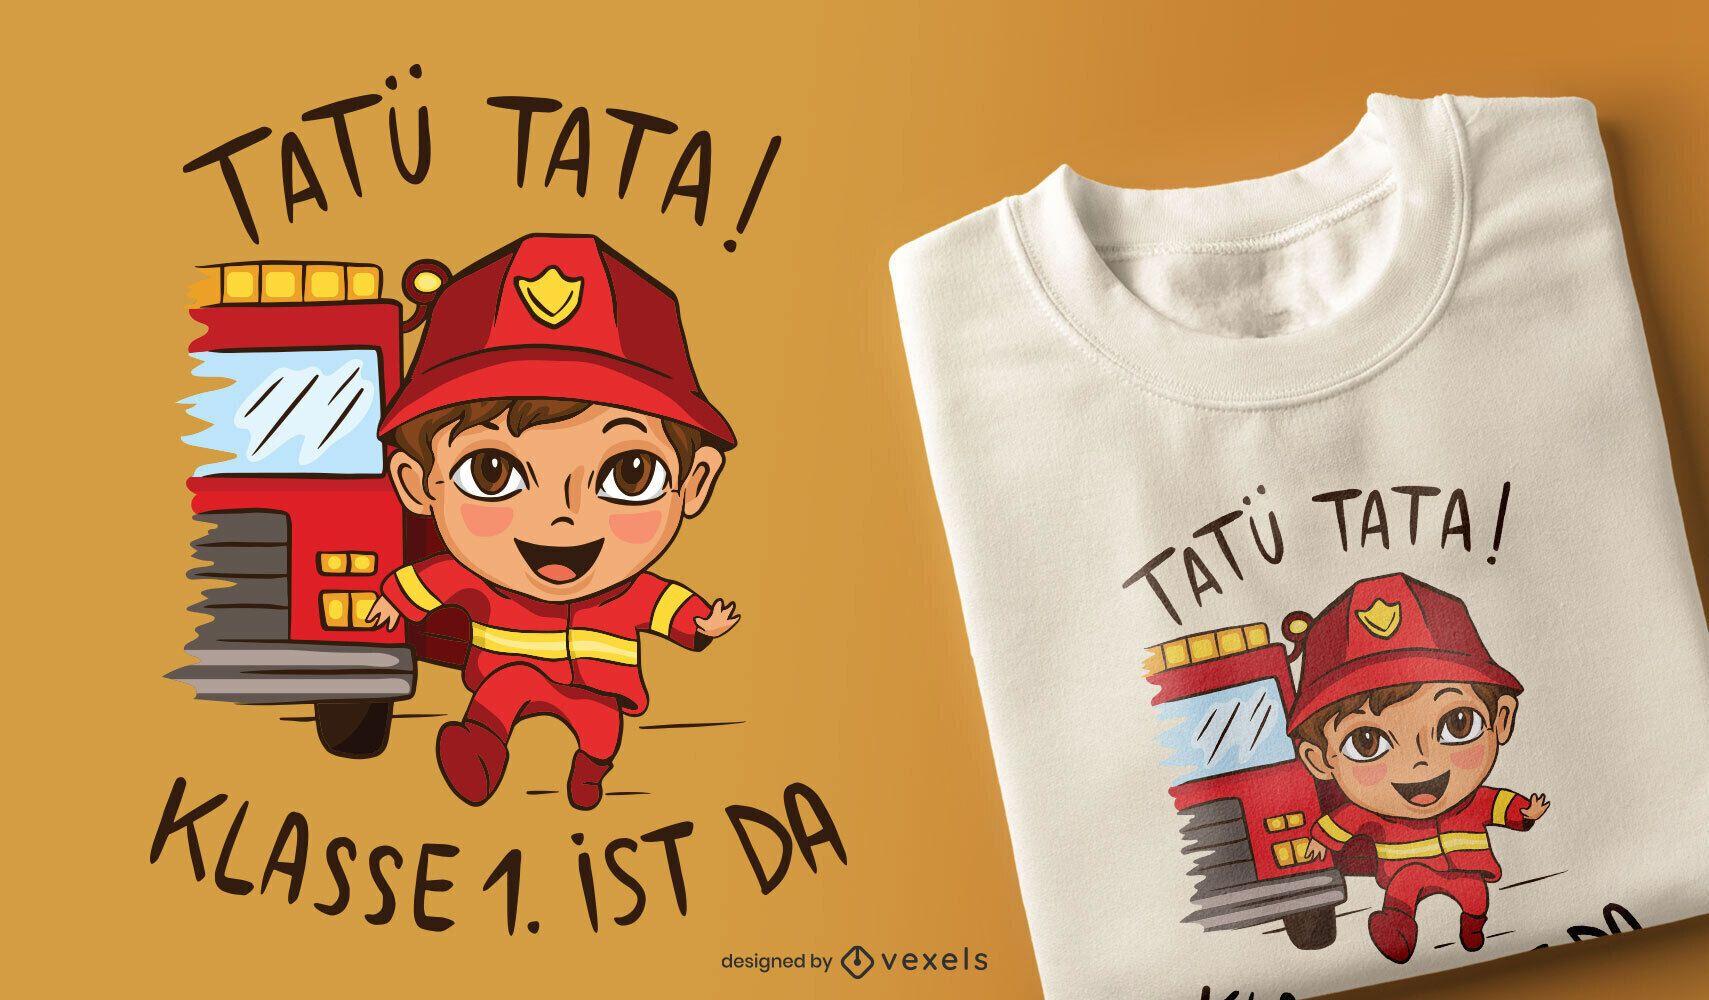 Firefighter kid german t-shirt design